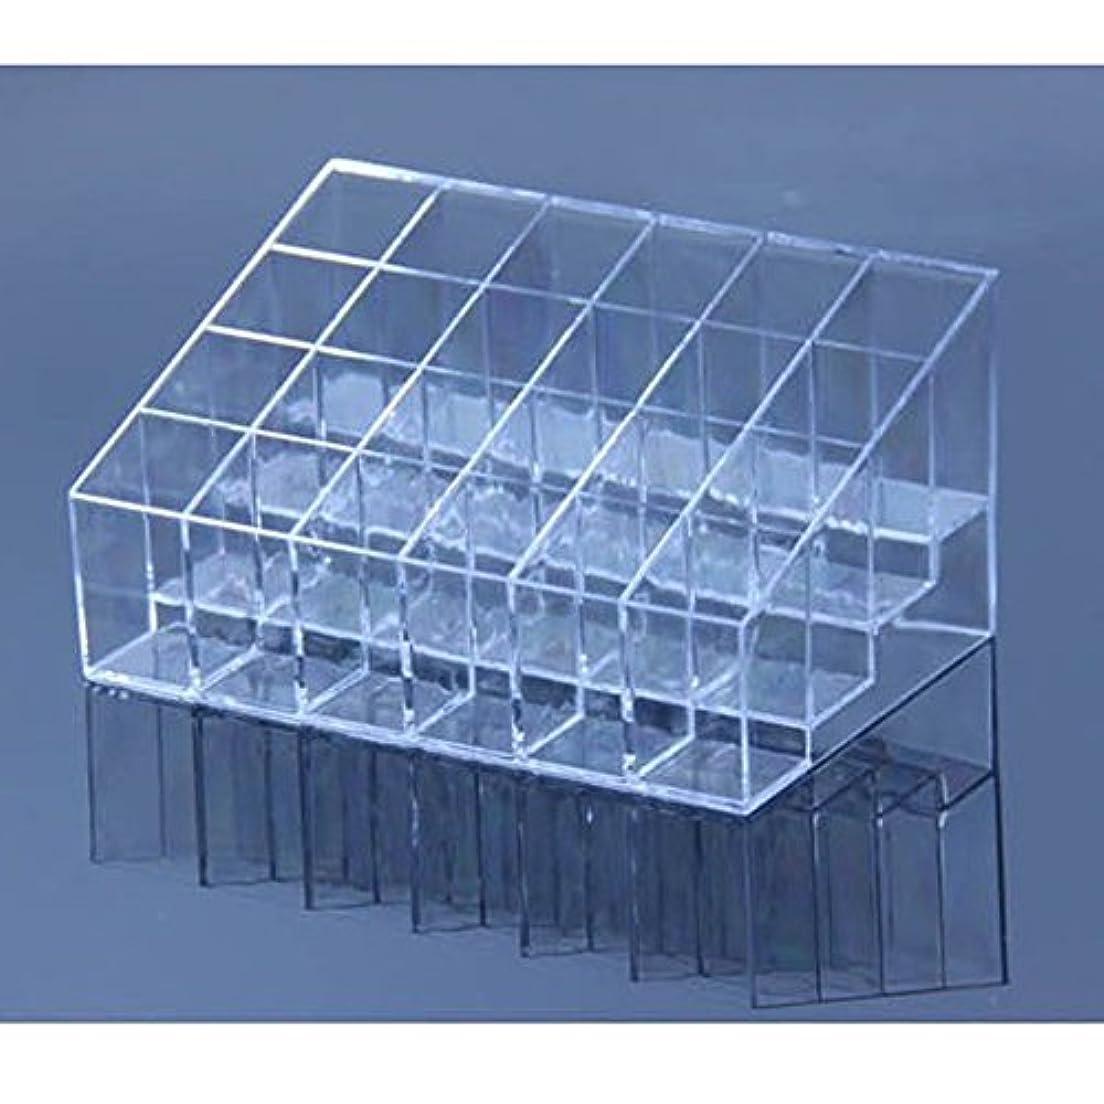 怒るキッチン反逆者AYWS 口紅ホルダー 24区透明プラスチック製 台形メイクアップ 化粧品ディスプレイスタンド リップスティック ホルダー